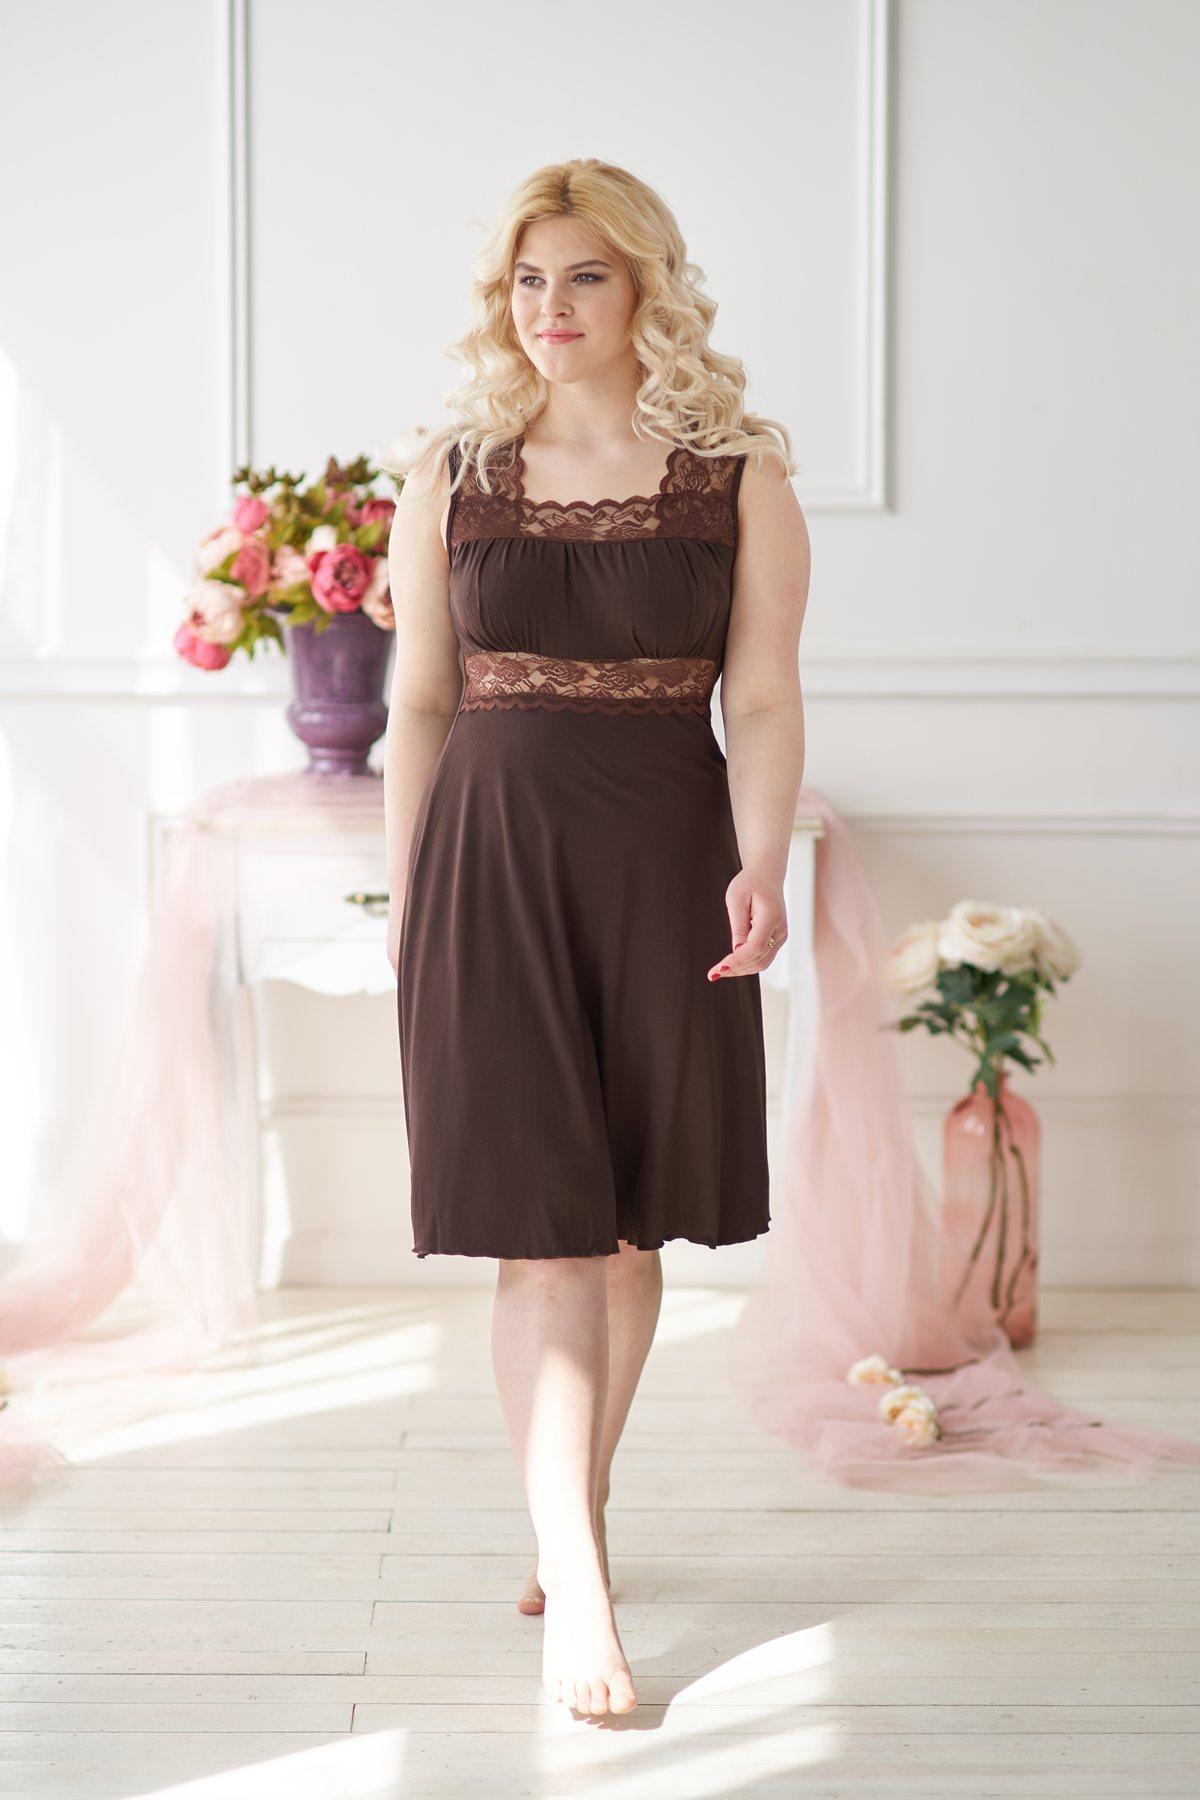 Жен. сорочка арт. 19-0021 Шоколадный р. 56Ночные сорочки<br>Факт. ОГ: 82 см <br>Факт. ОТ: 80 см <br>Факт. ОБ: 120 см <br>Длина по спинке: 101 см<br><br>Тип: Жен. сорочка<br>Размер: 56<br>Материал: Вискоза